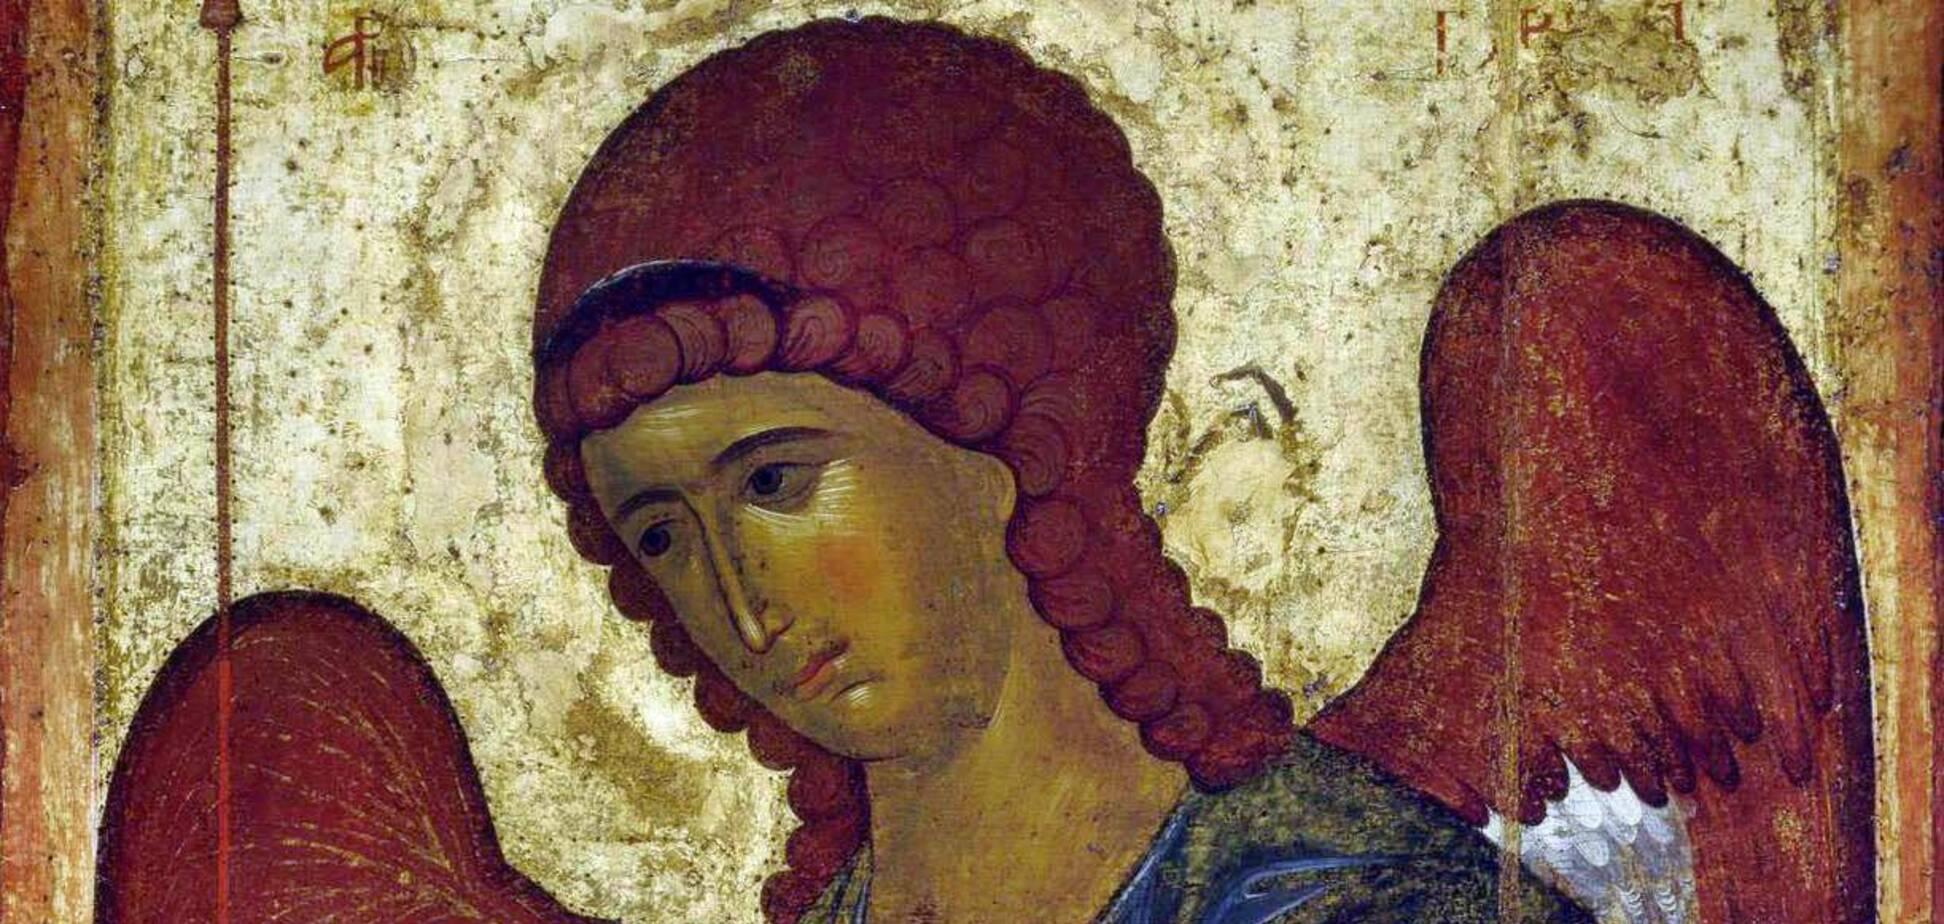 Архангел Гавриил – один из семи главных ангелов